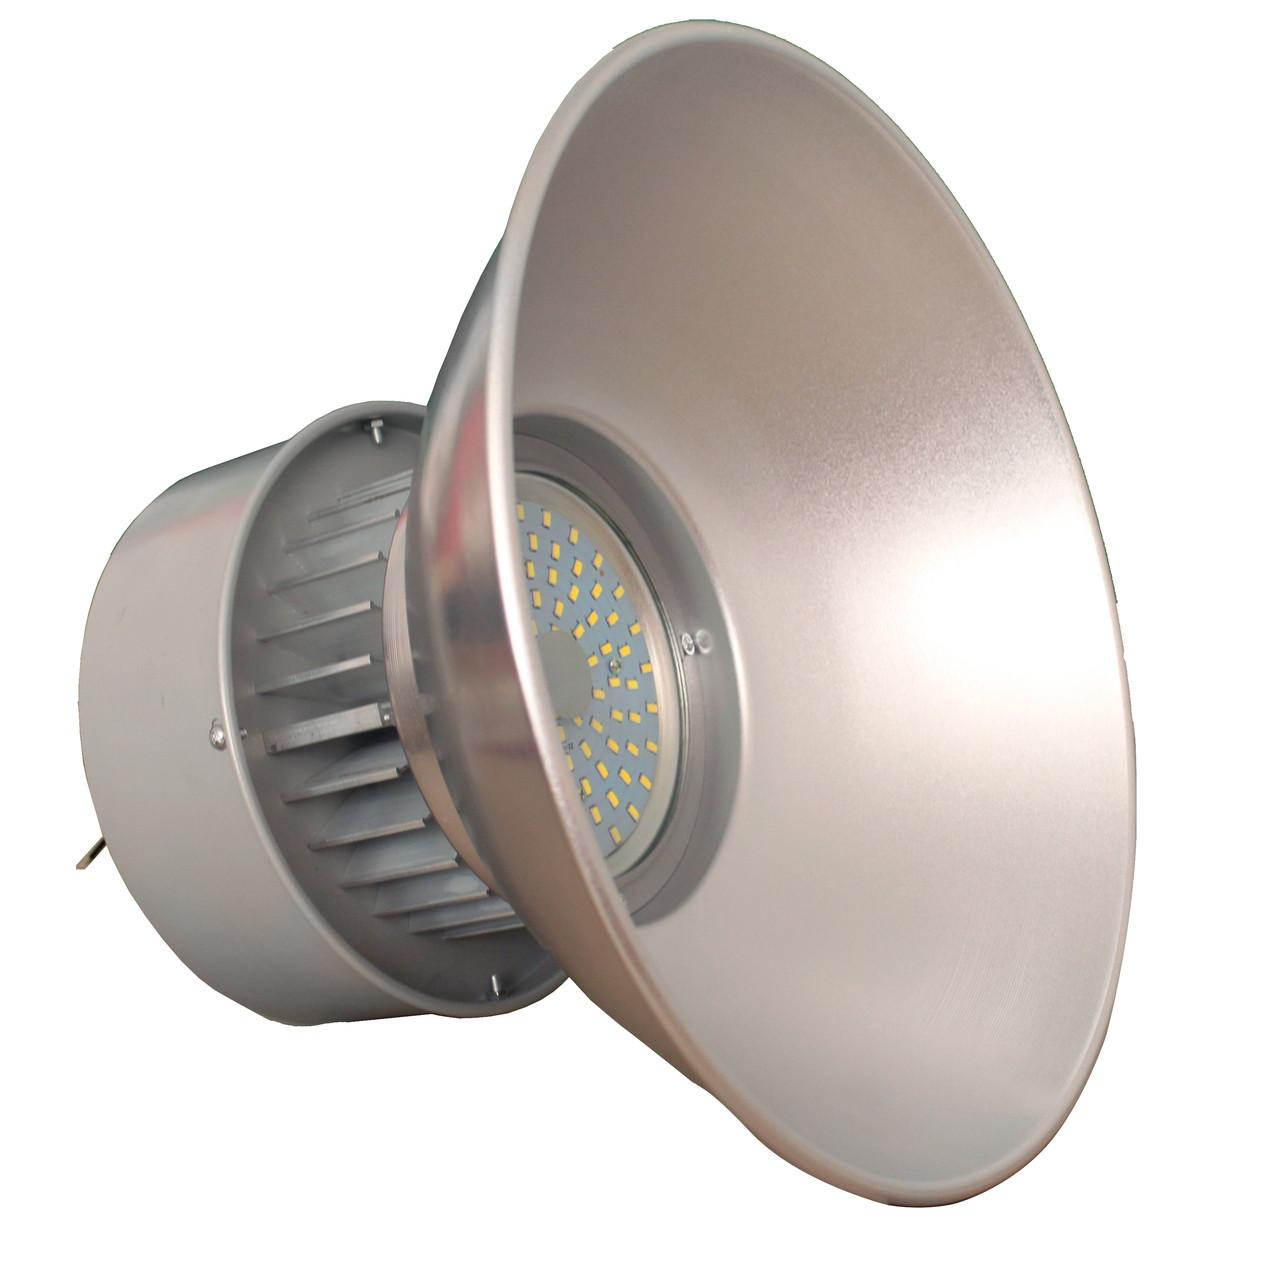 Светильник для высоких пролетов ElectroHouse 50W 6500K 4500Lm IP20 Ø35см (EH-HB-3043)